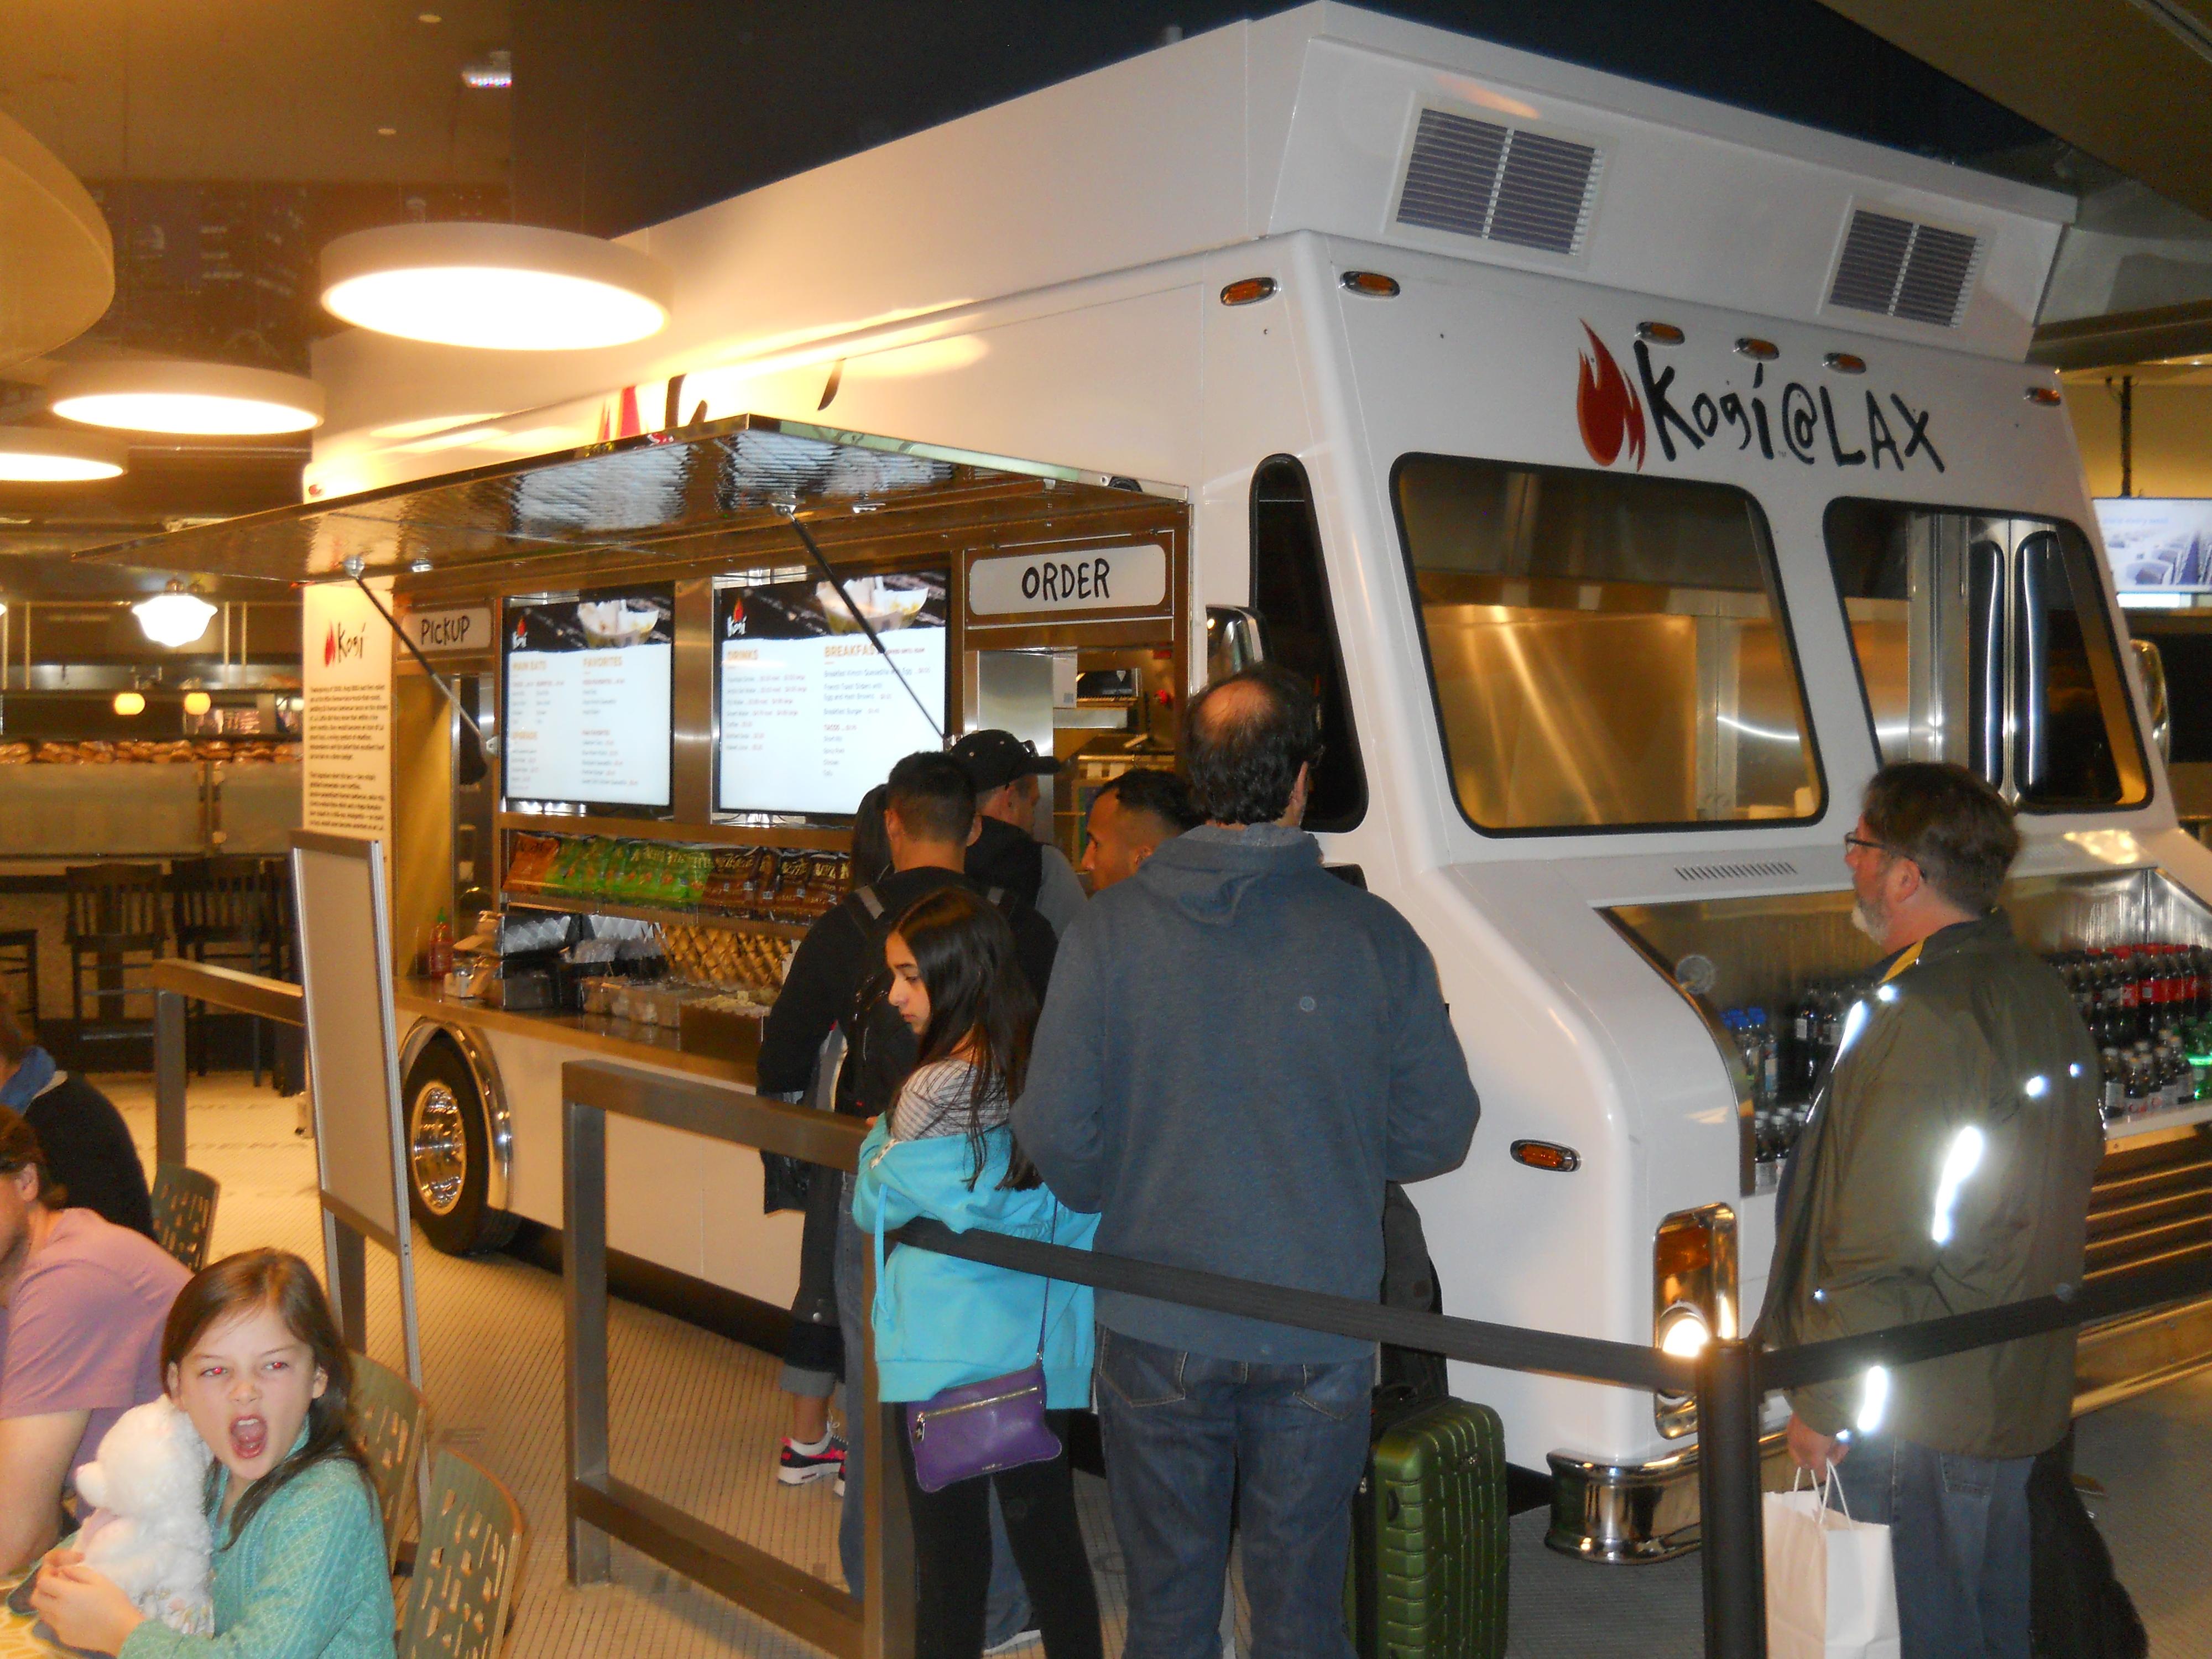 Kogi Food Truck Lax